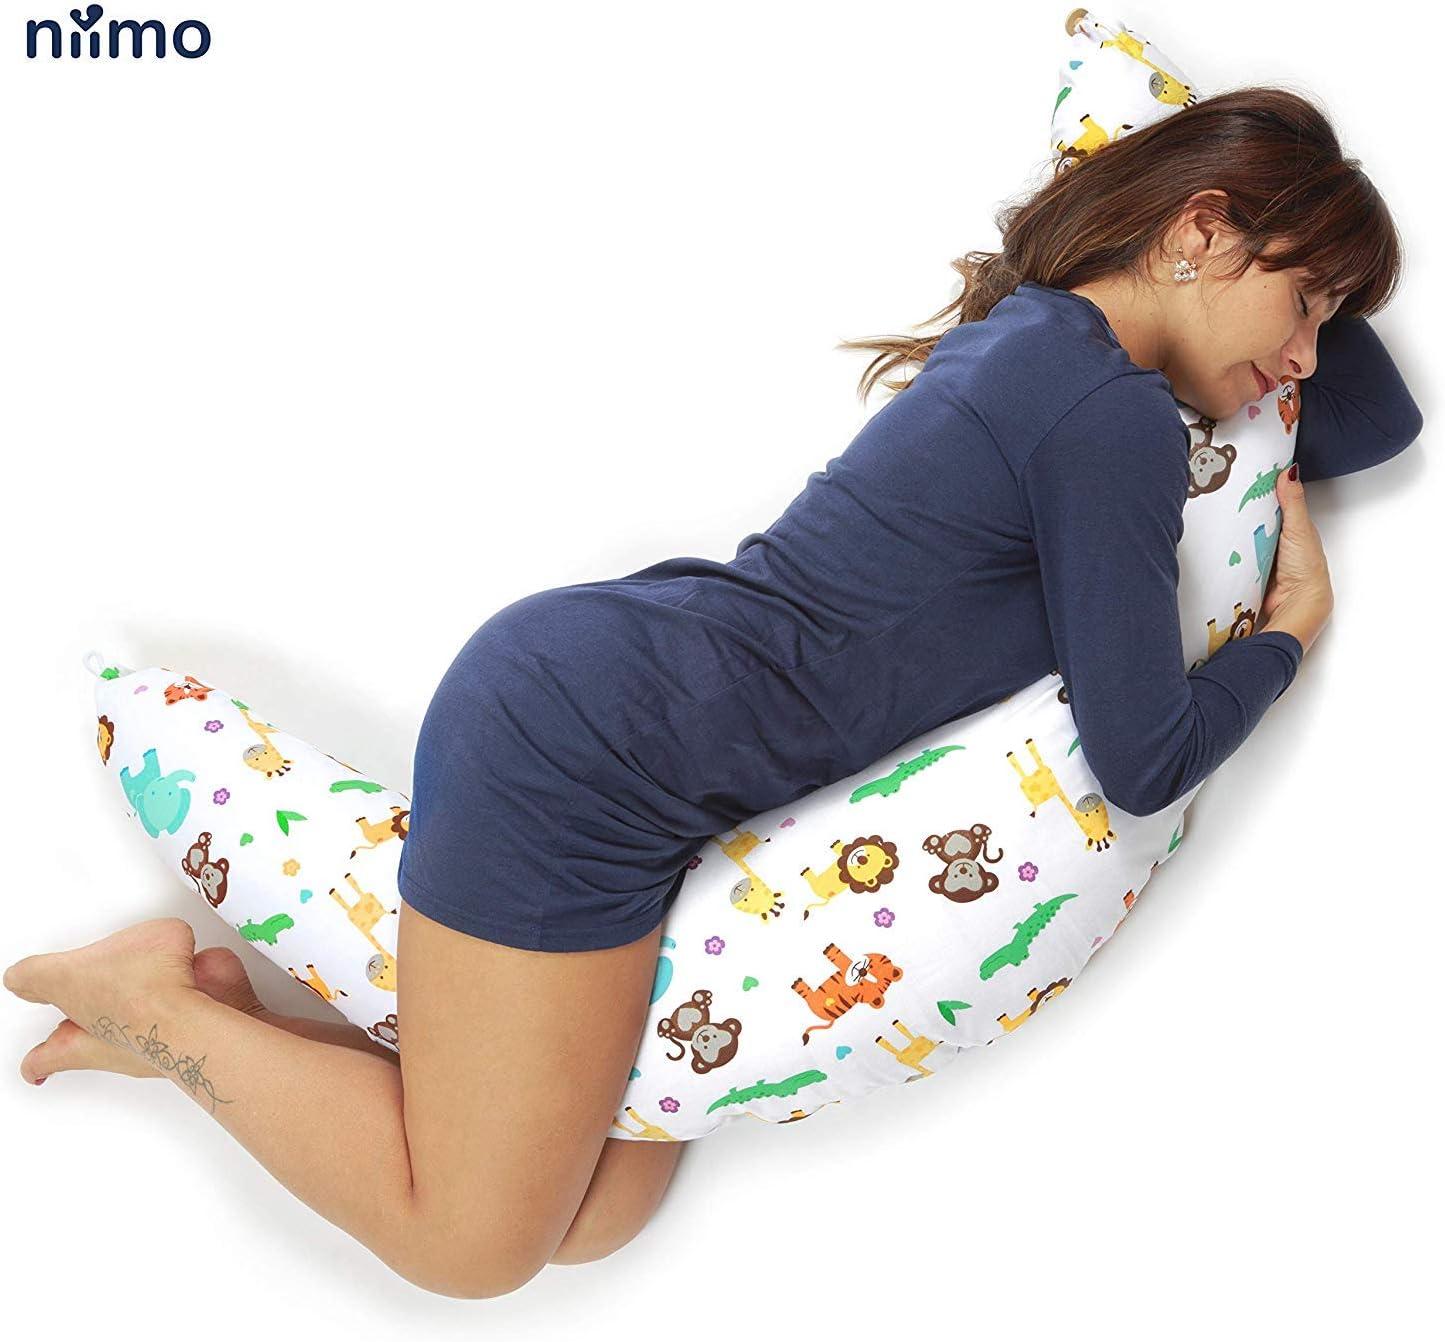 ALPHA XXL, Gris Niimo Almohada Embarazada Dormir y Cojin Lactancia Bebe Multifuncion Funda Cojin 100/% Algodon Desenfundable y Lavable Relleno de Poliester Multiusos Maternidad